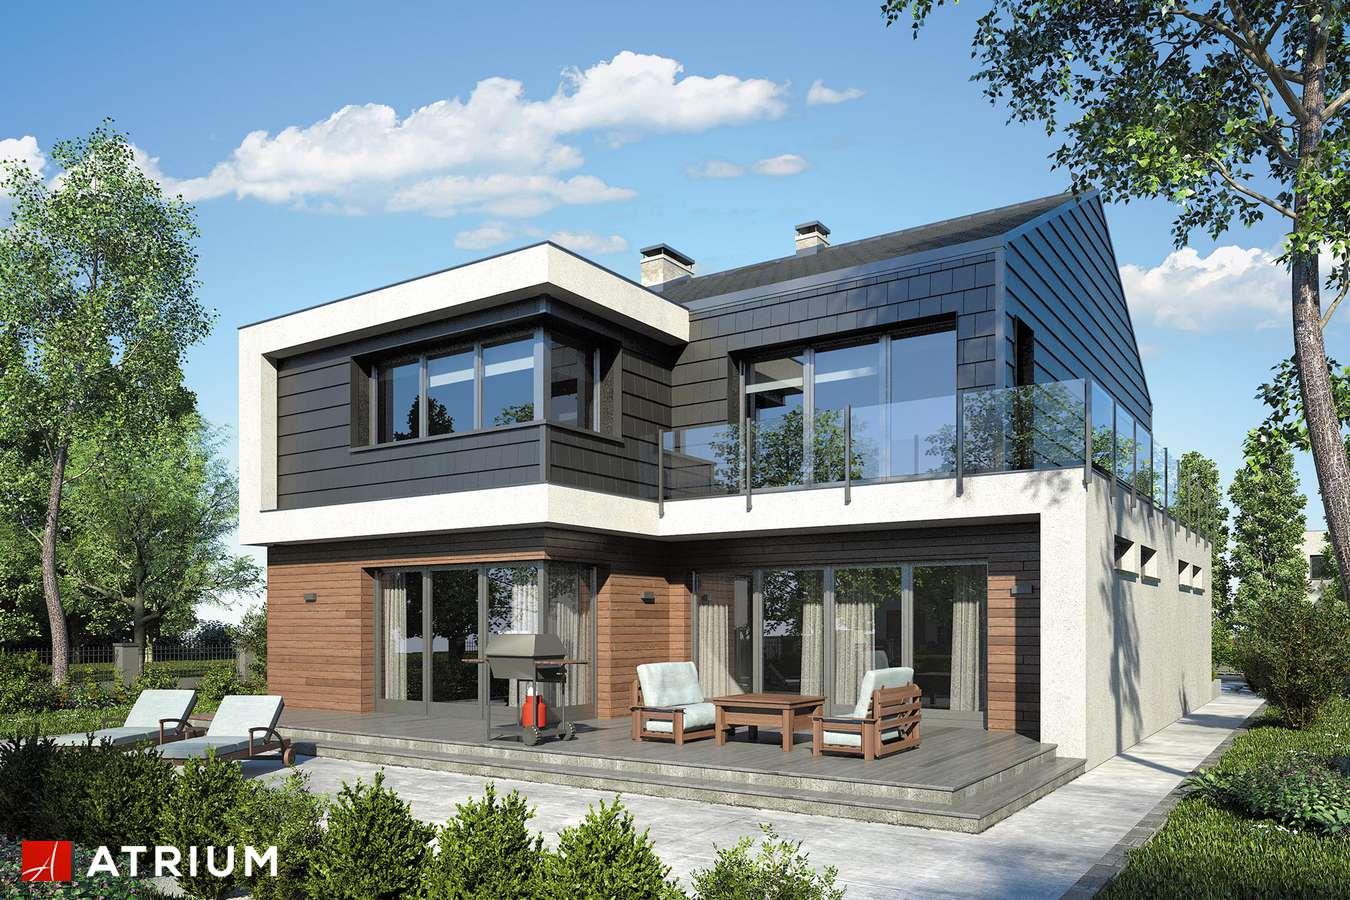 Projekty domów - Projekt domu piętrowego NEW HOUSE - wizualizacja 2